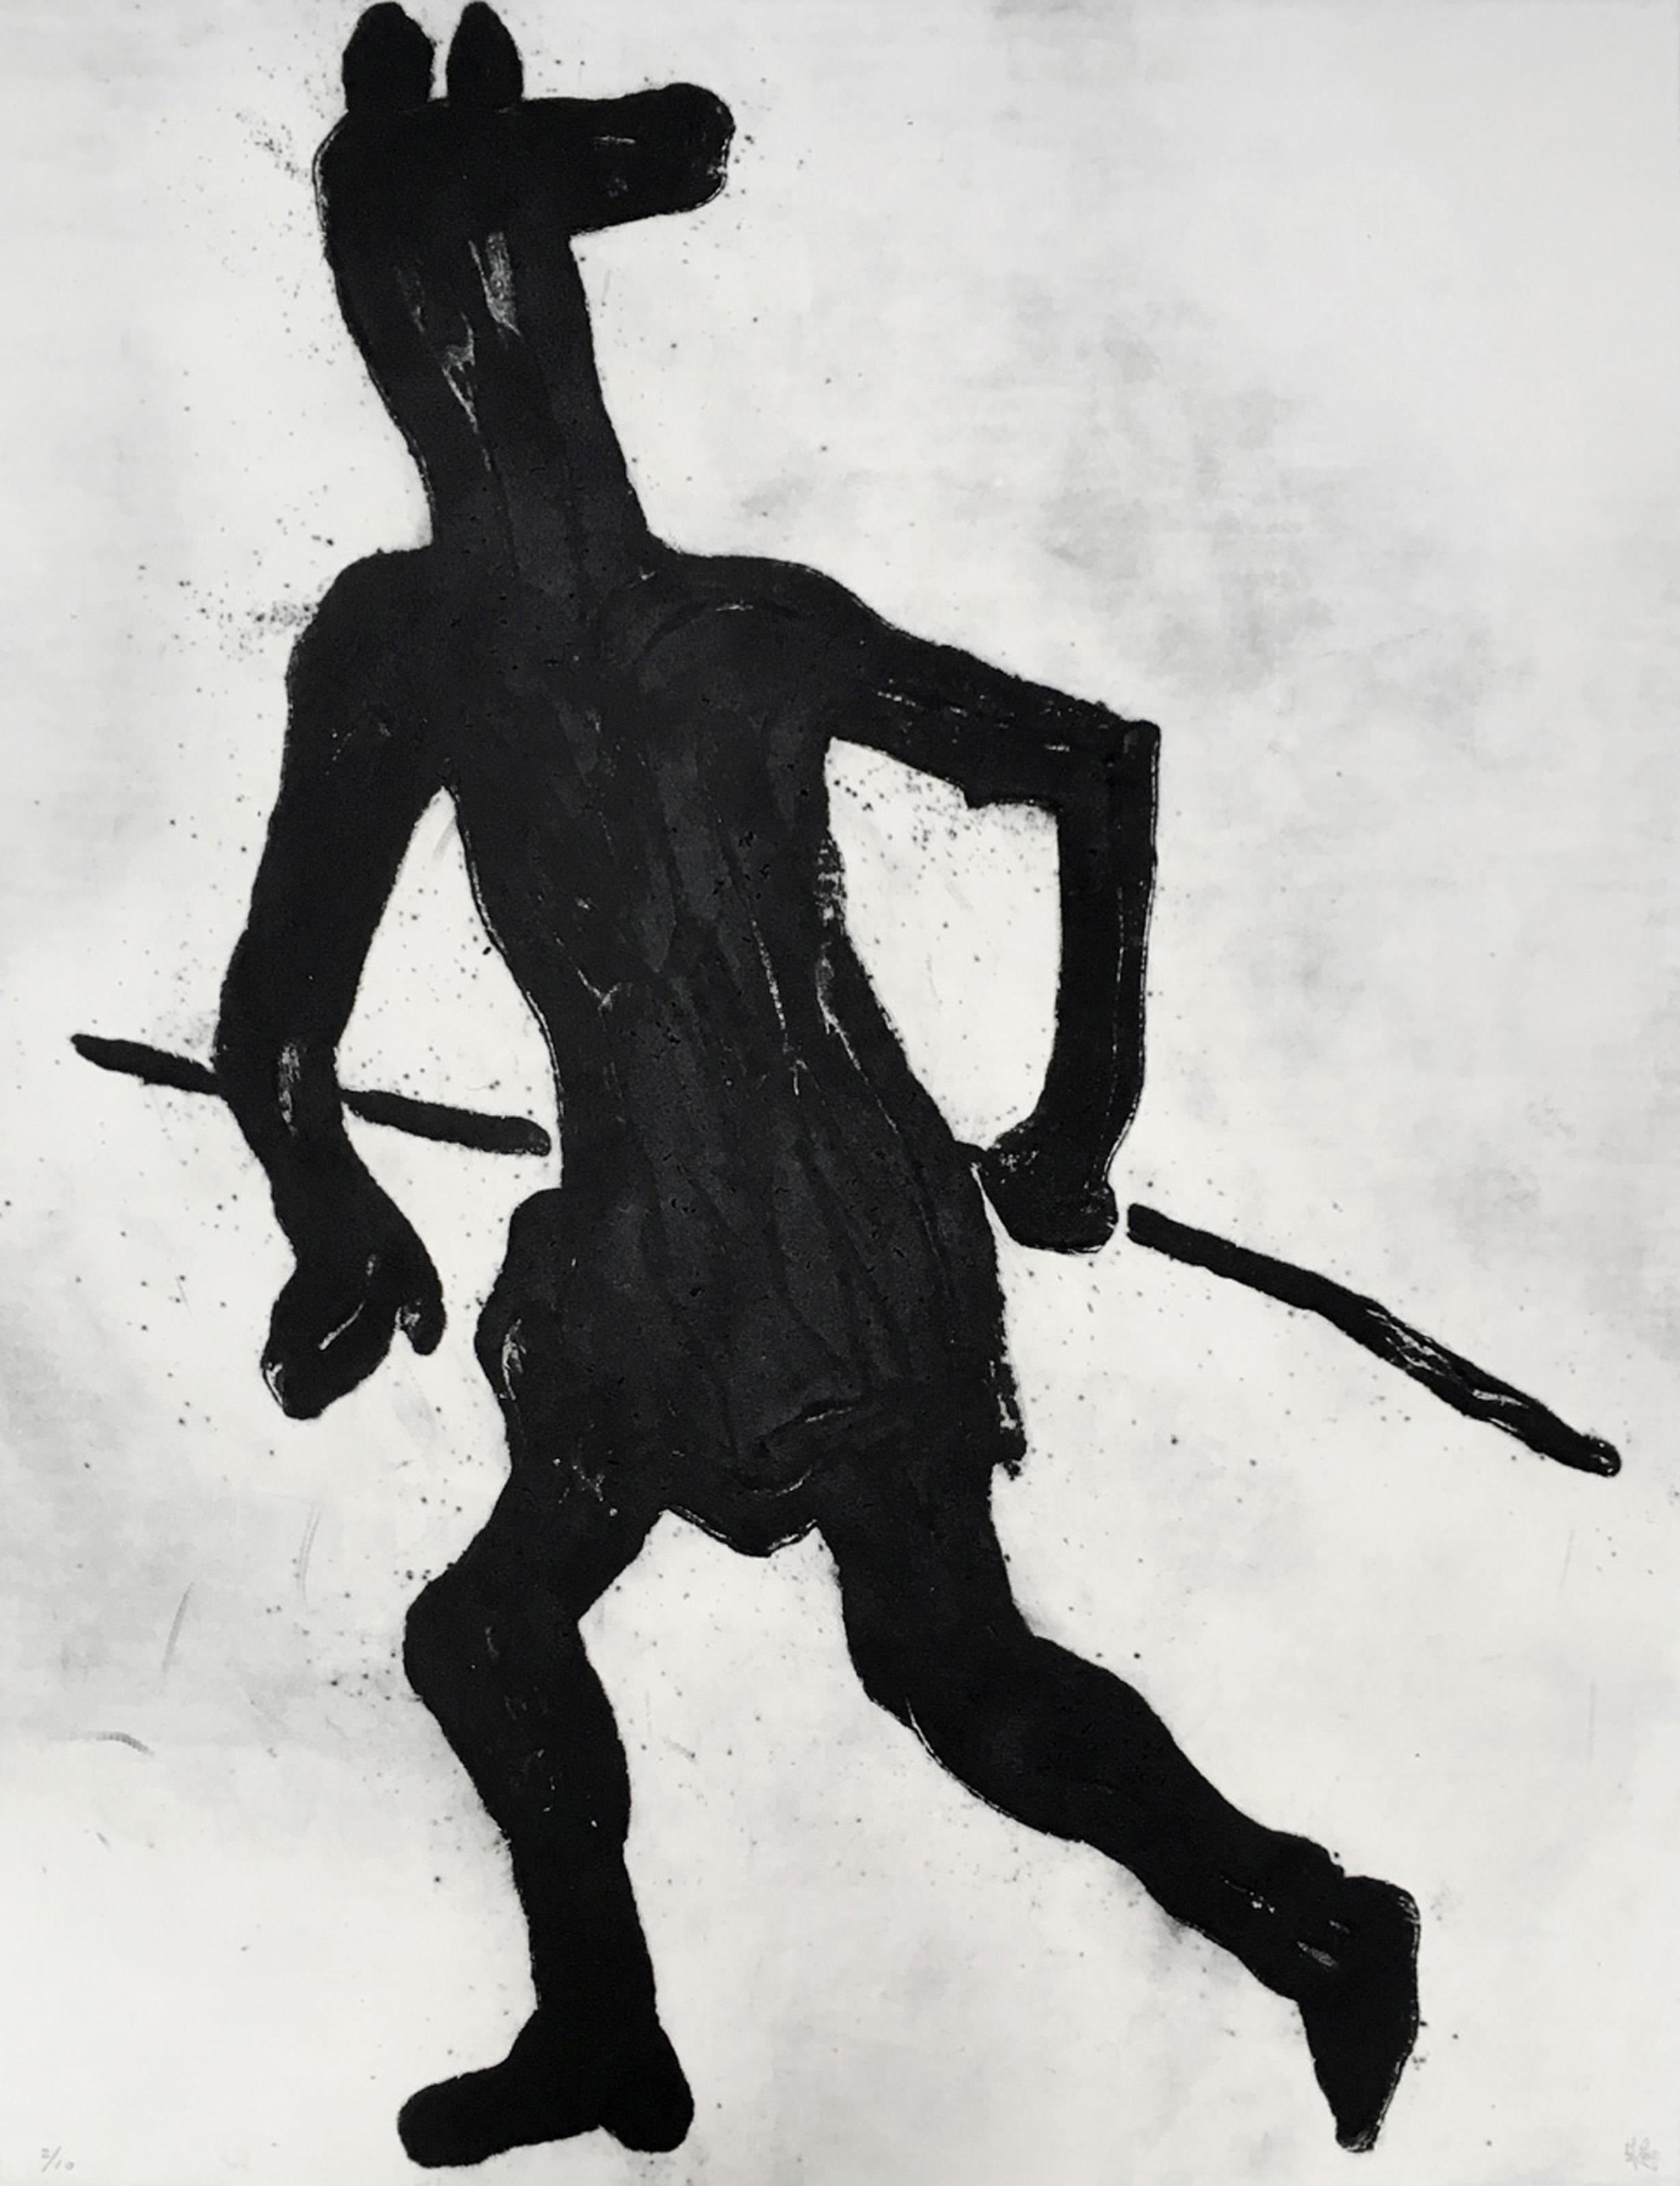 Grand Masquerade VII (Ed. 3 of 10), 2009, 20 x 26 in., Carborundum